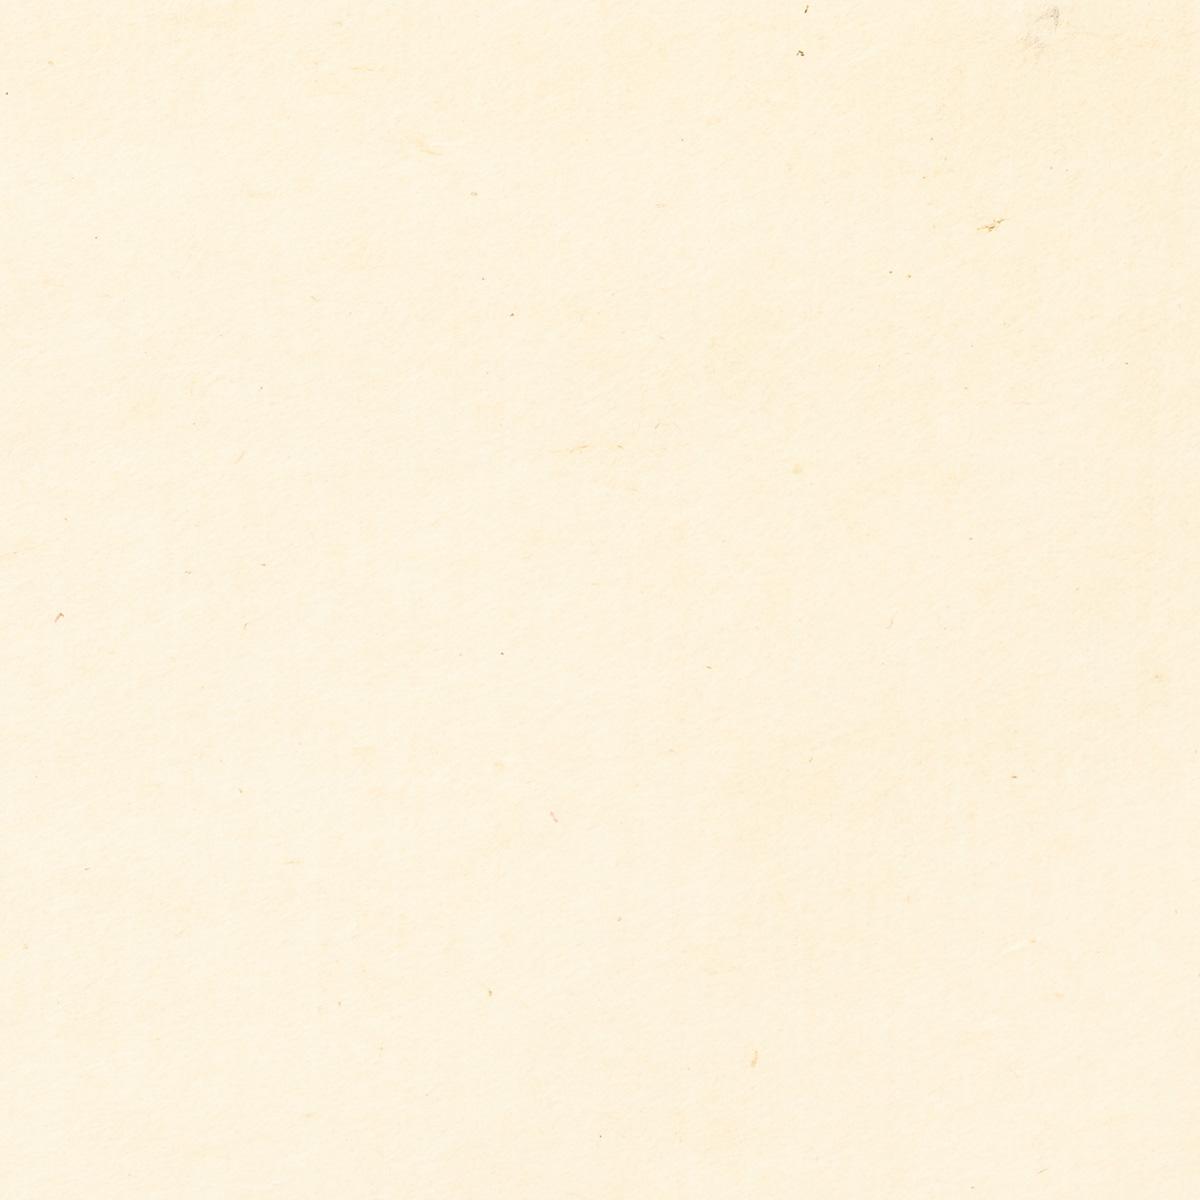 横野 巻紙用紙 4匁